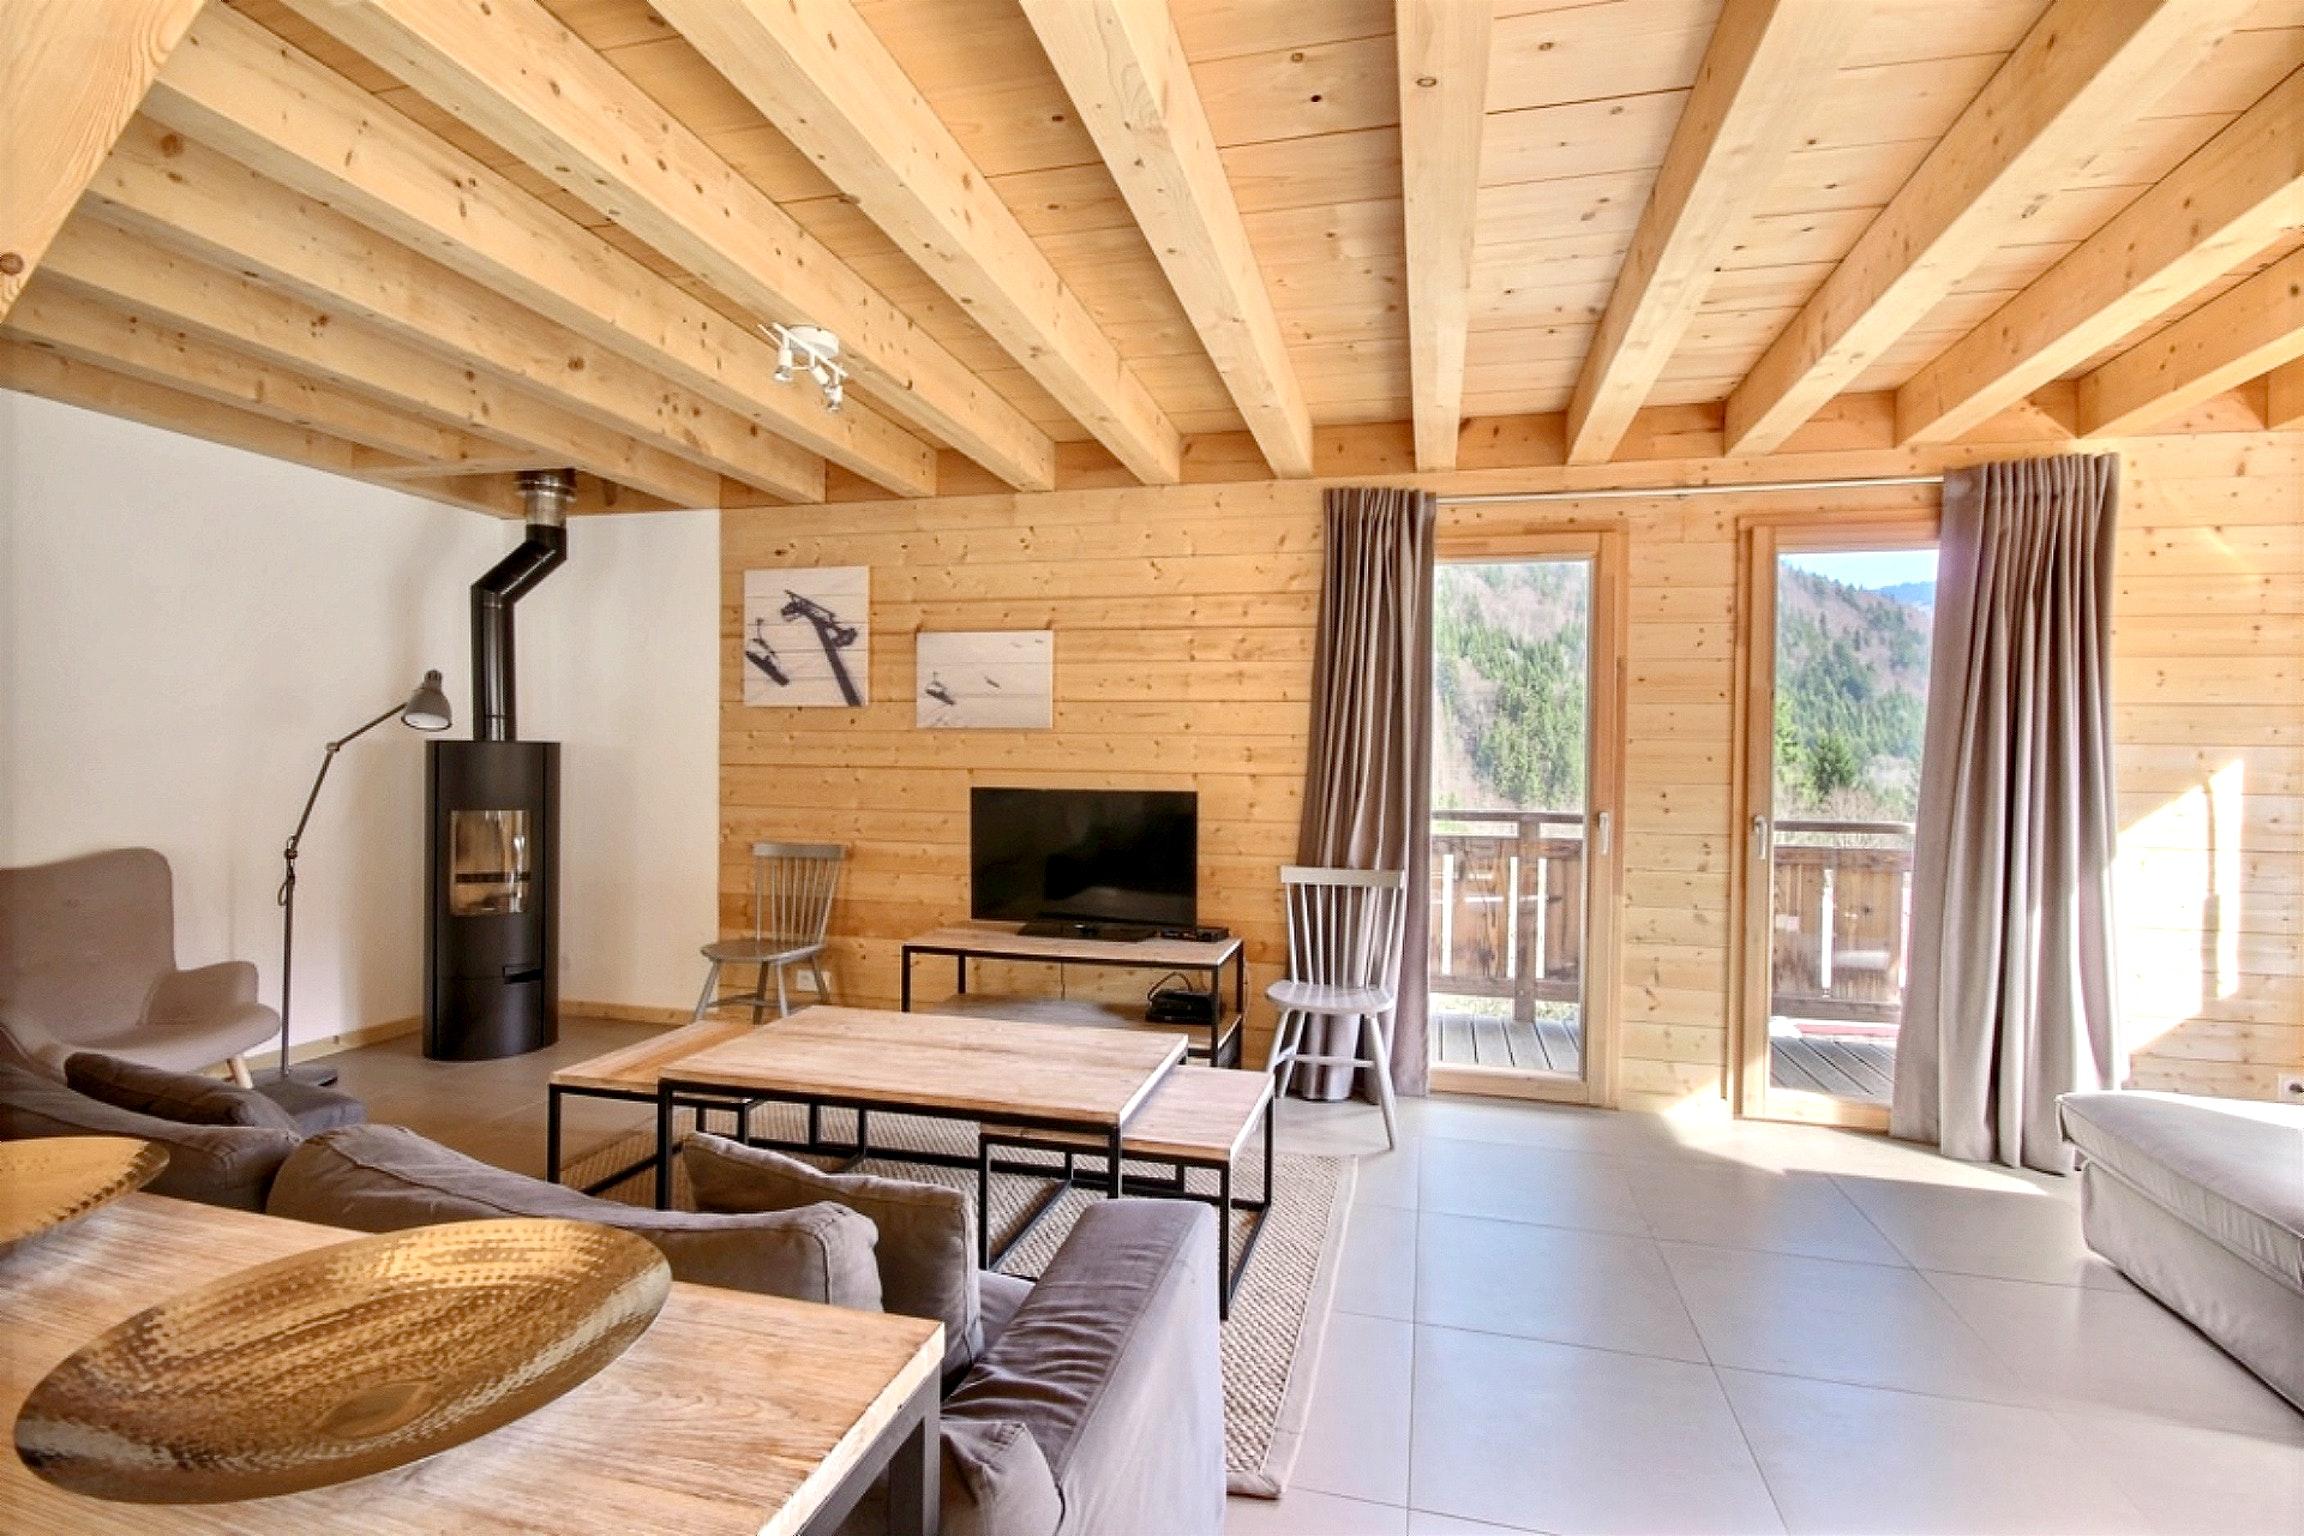 Chalet mit fünf Schlafzimmern, spektakulärem Bergblick und Terrasse ...